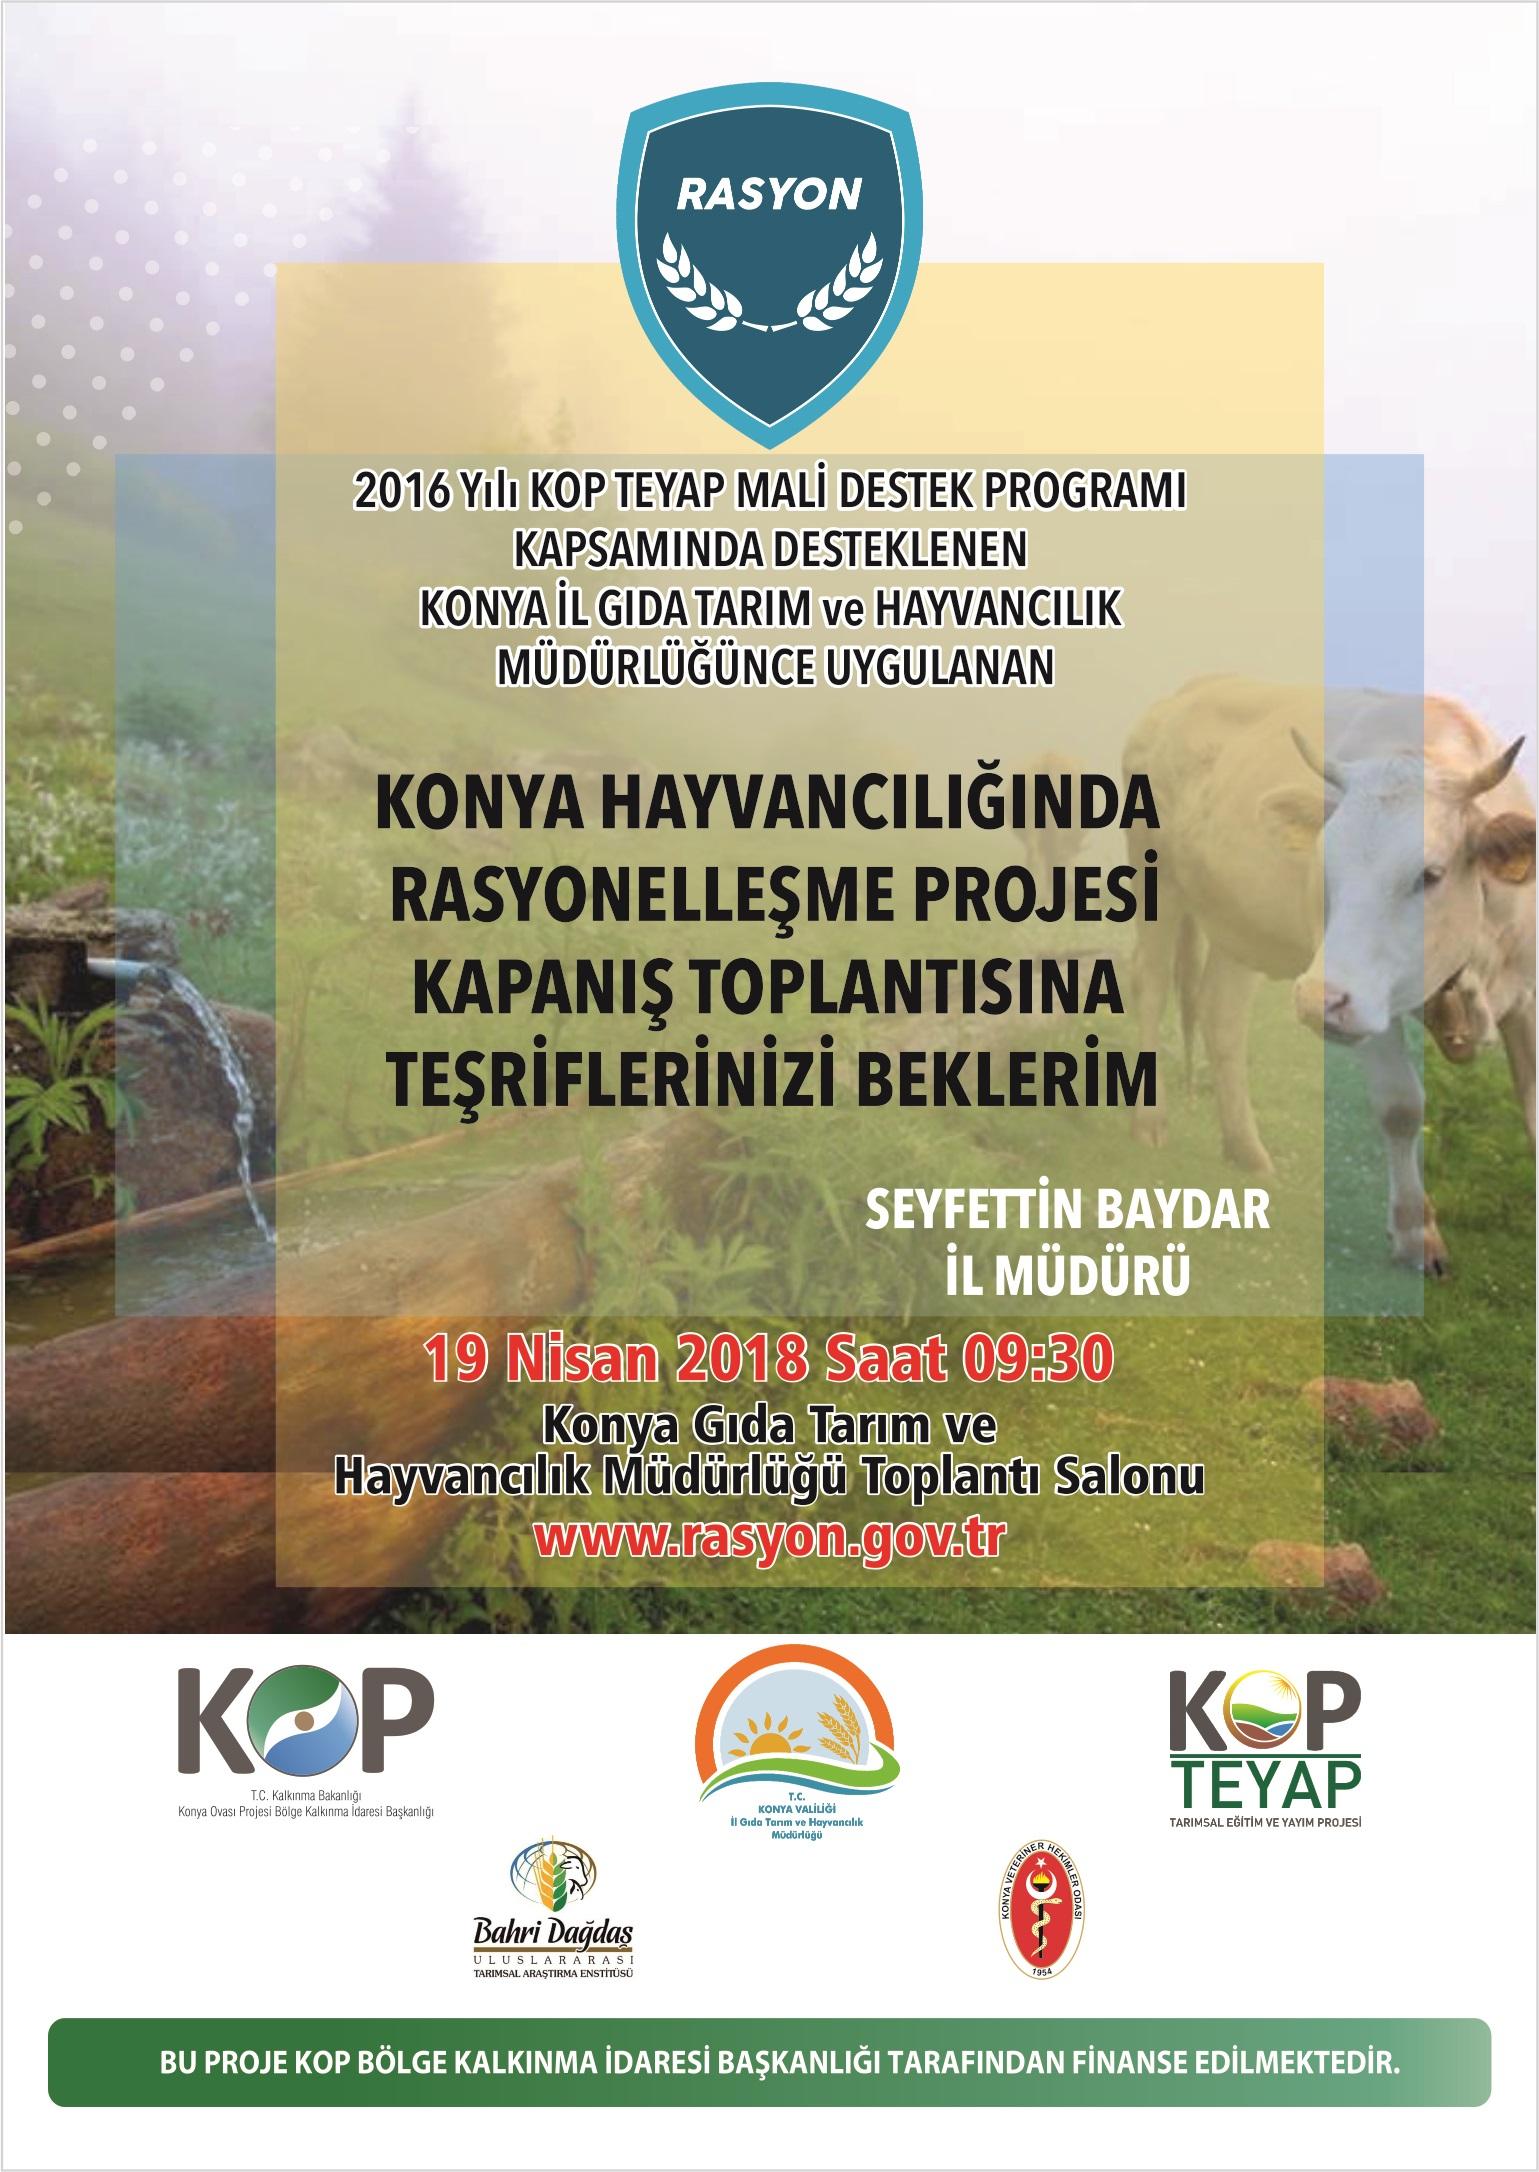 Konya Hayvancılığında verilik projesi başlıyor